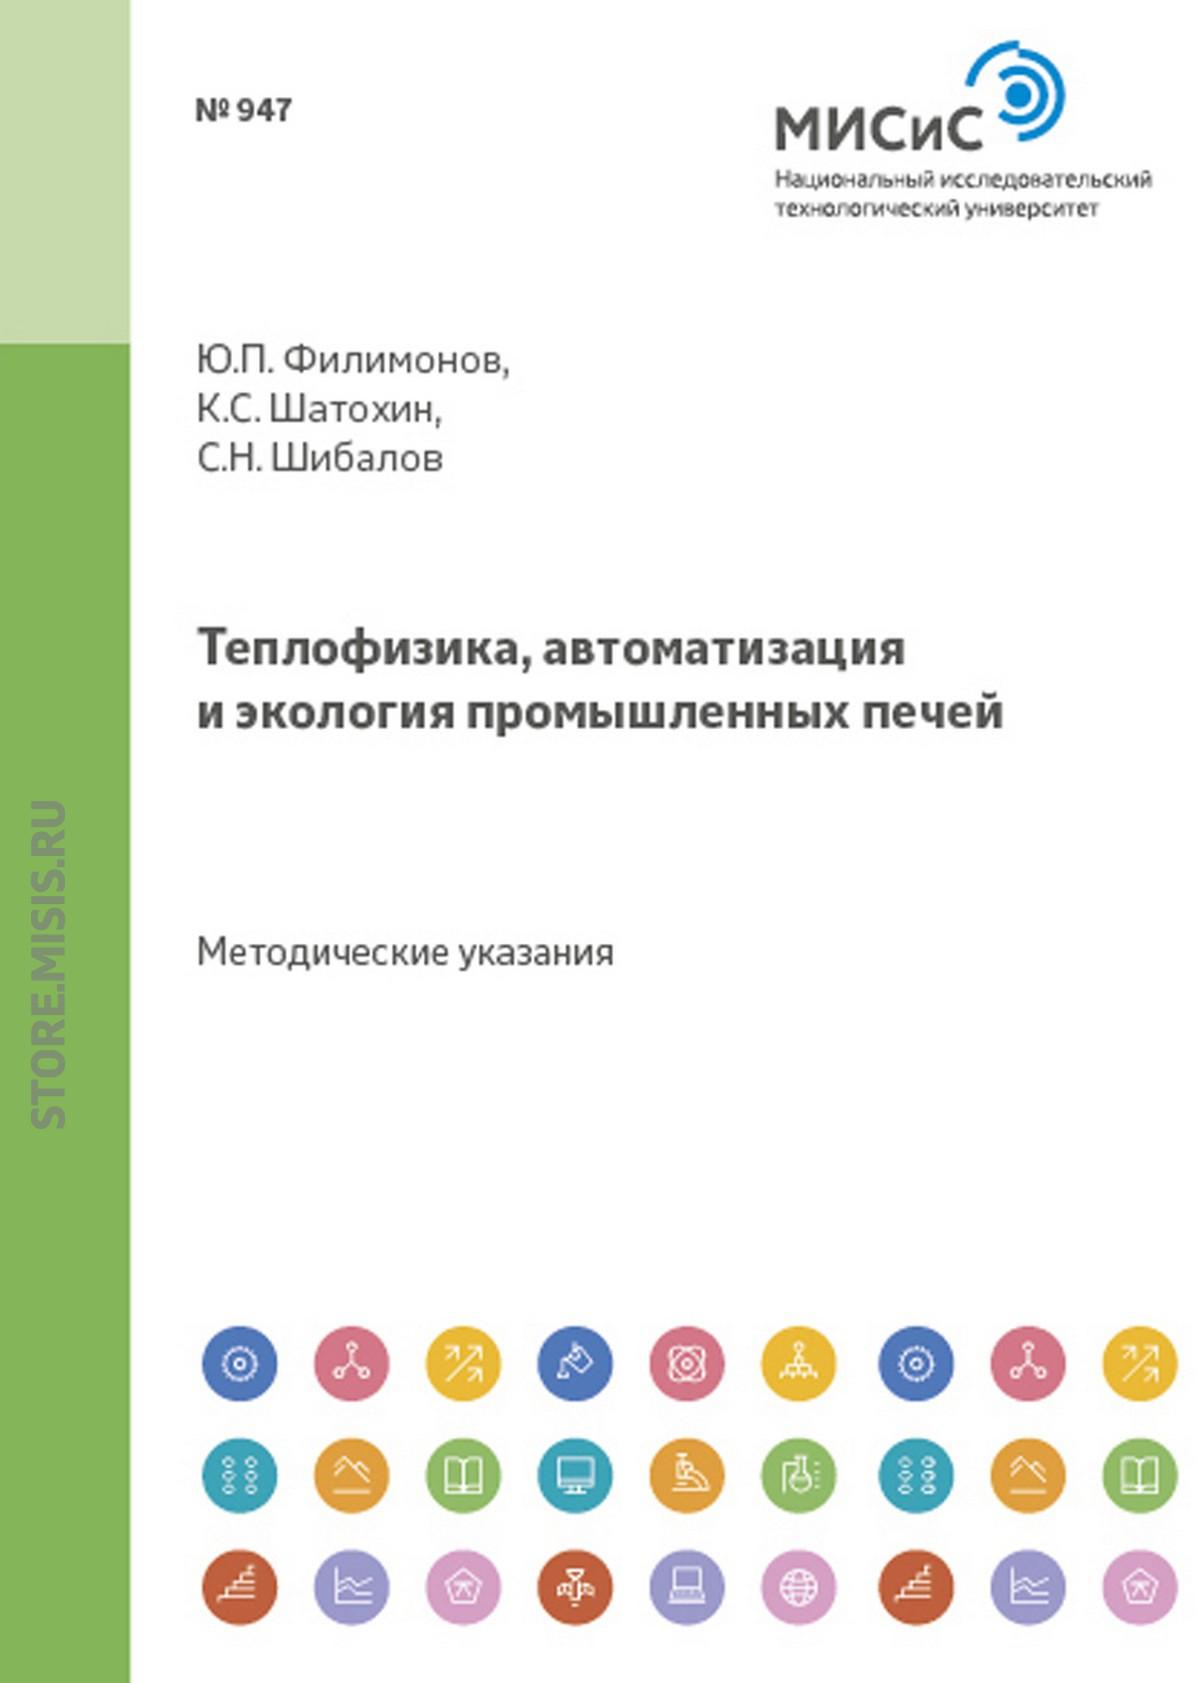 Константин Шатохин Теплофизика, автоматизация и экология промышленных печей е г малявина теплофизика зданий